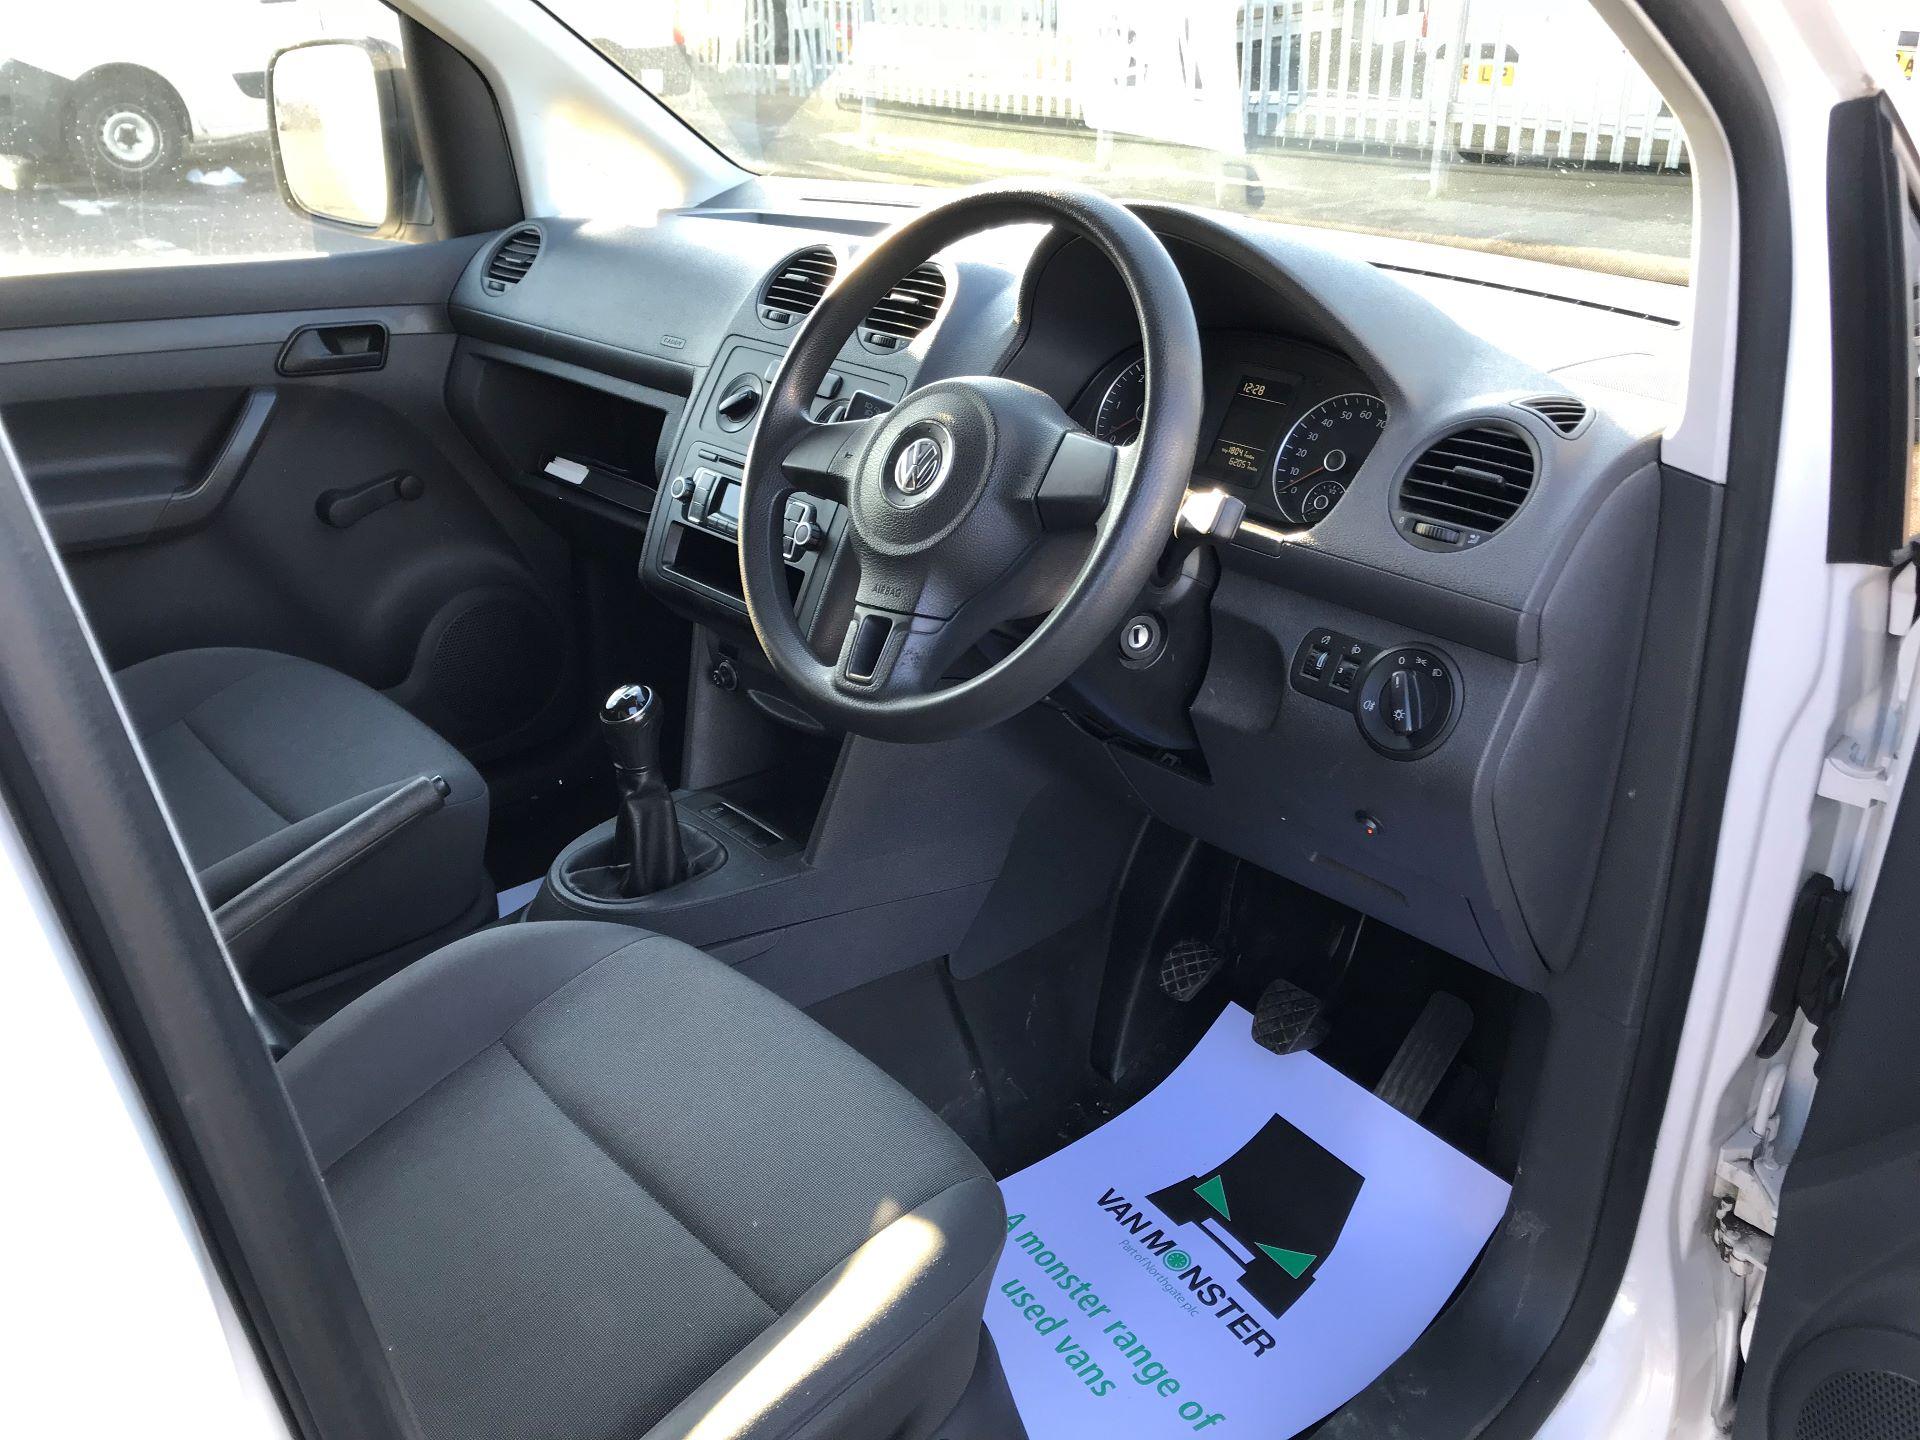 2014 Volkswagen Caddy  1.6 102PS Startline Euro 5 (NL64VFC) Image 20